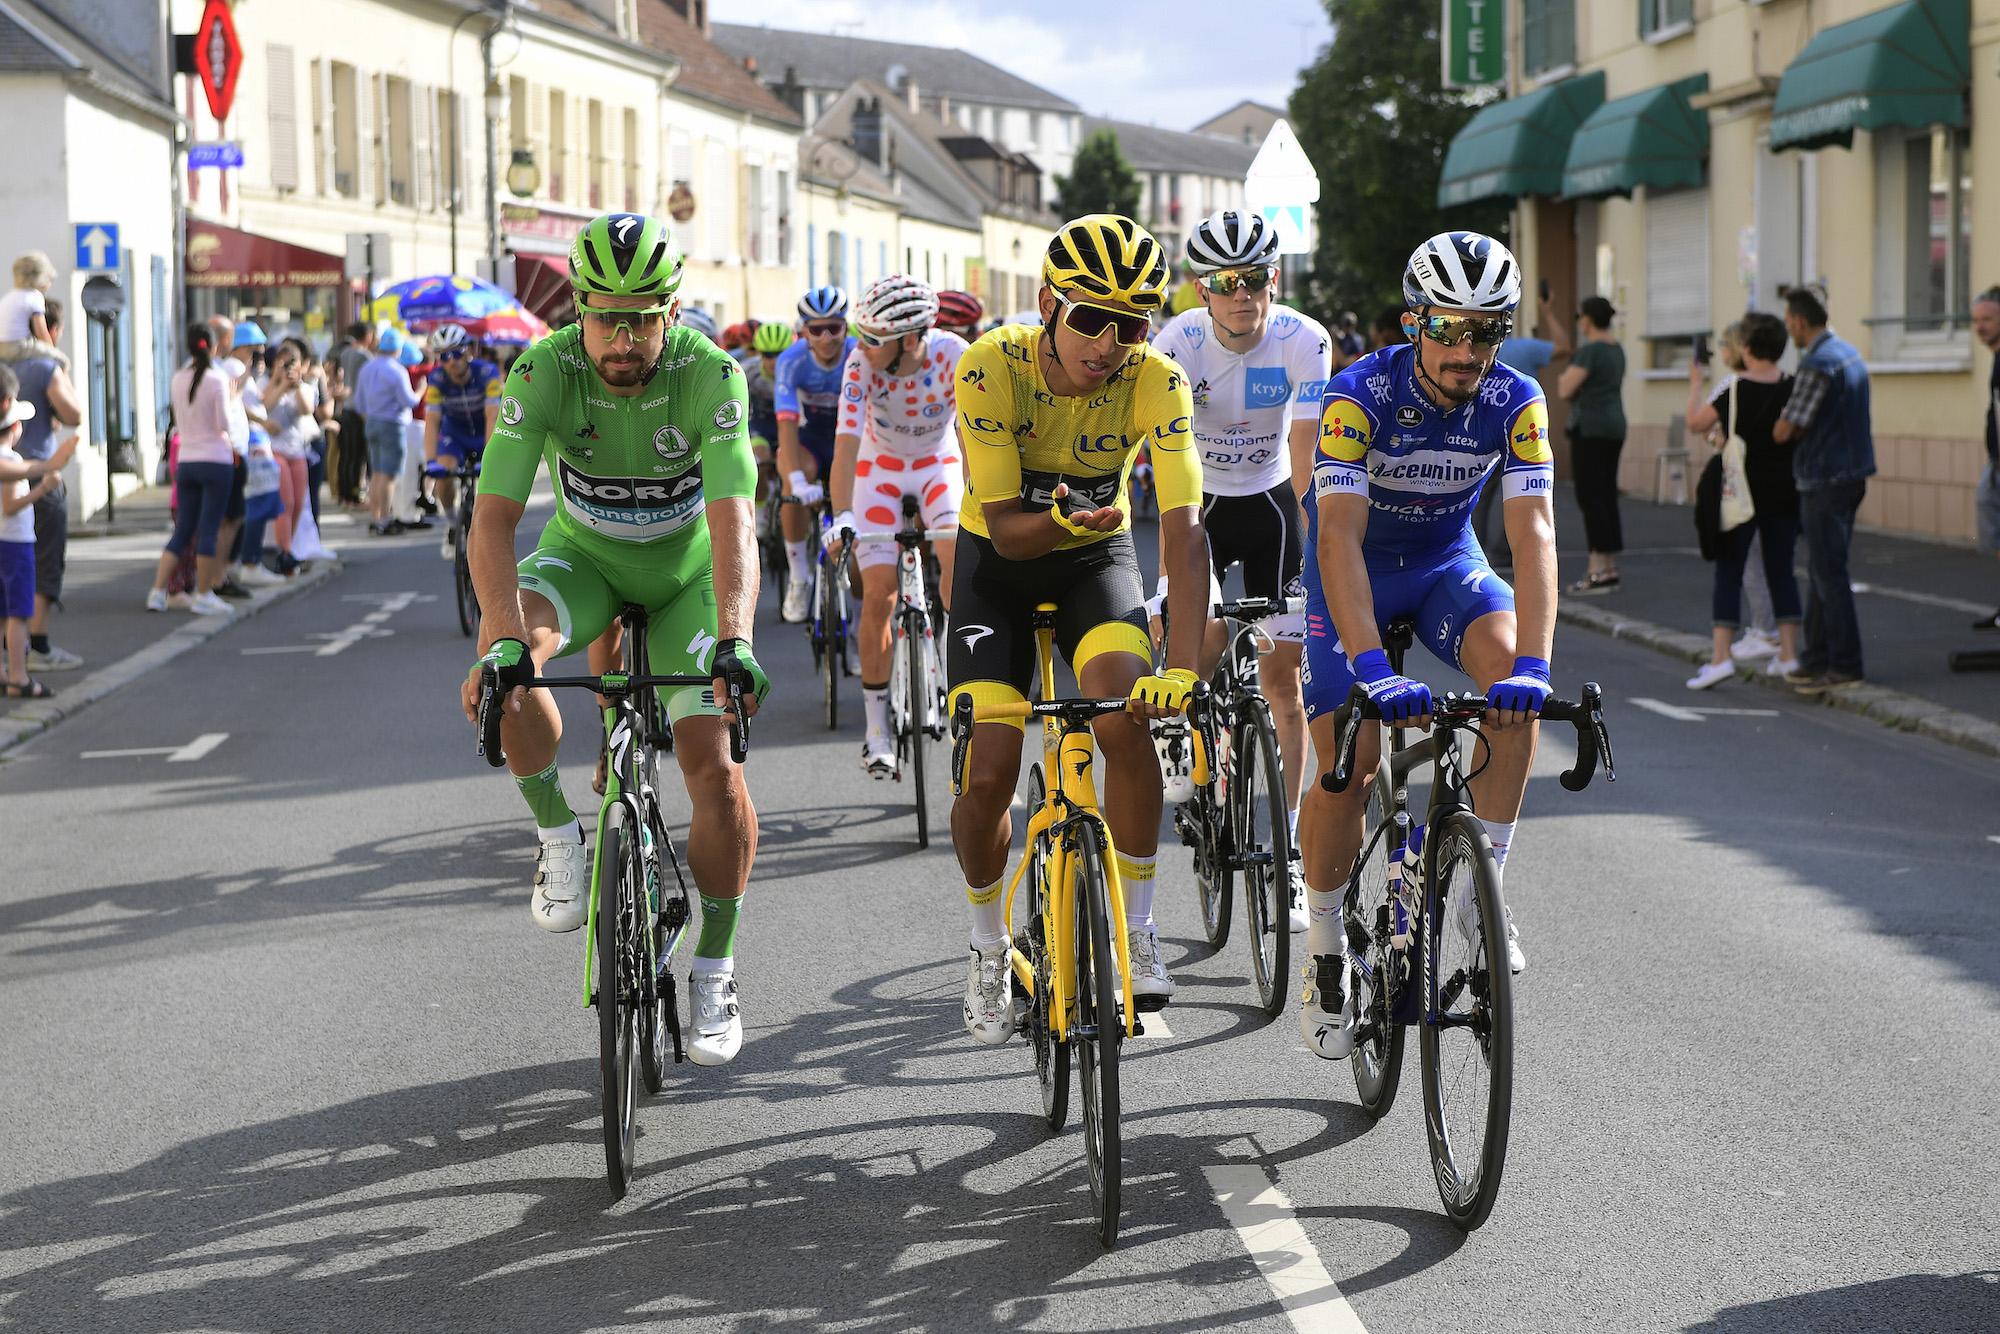 Tour De France 2020 Live Stream